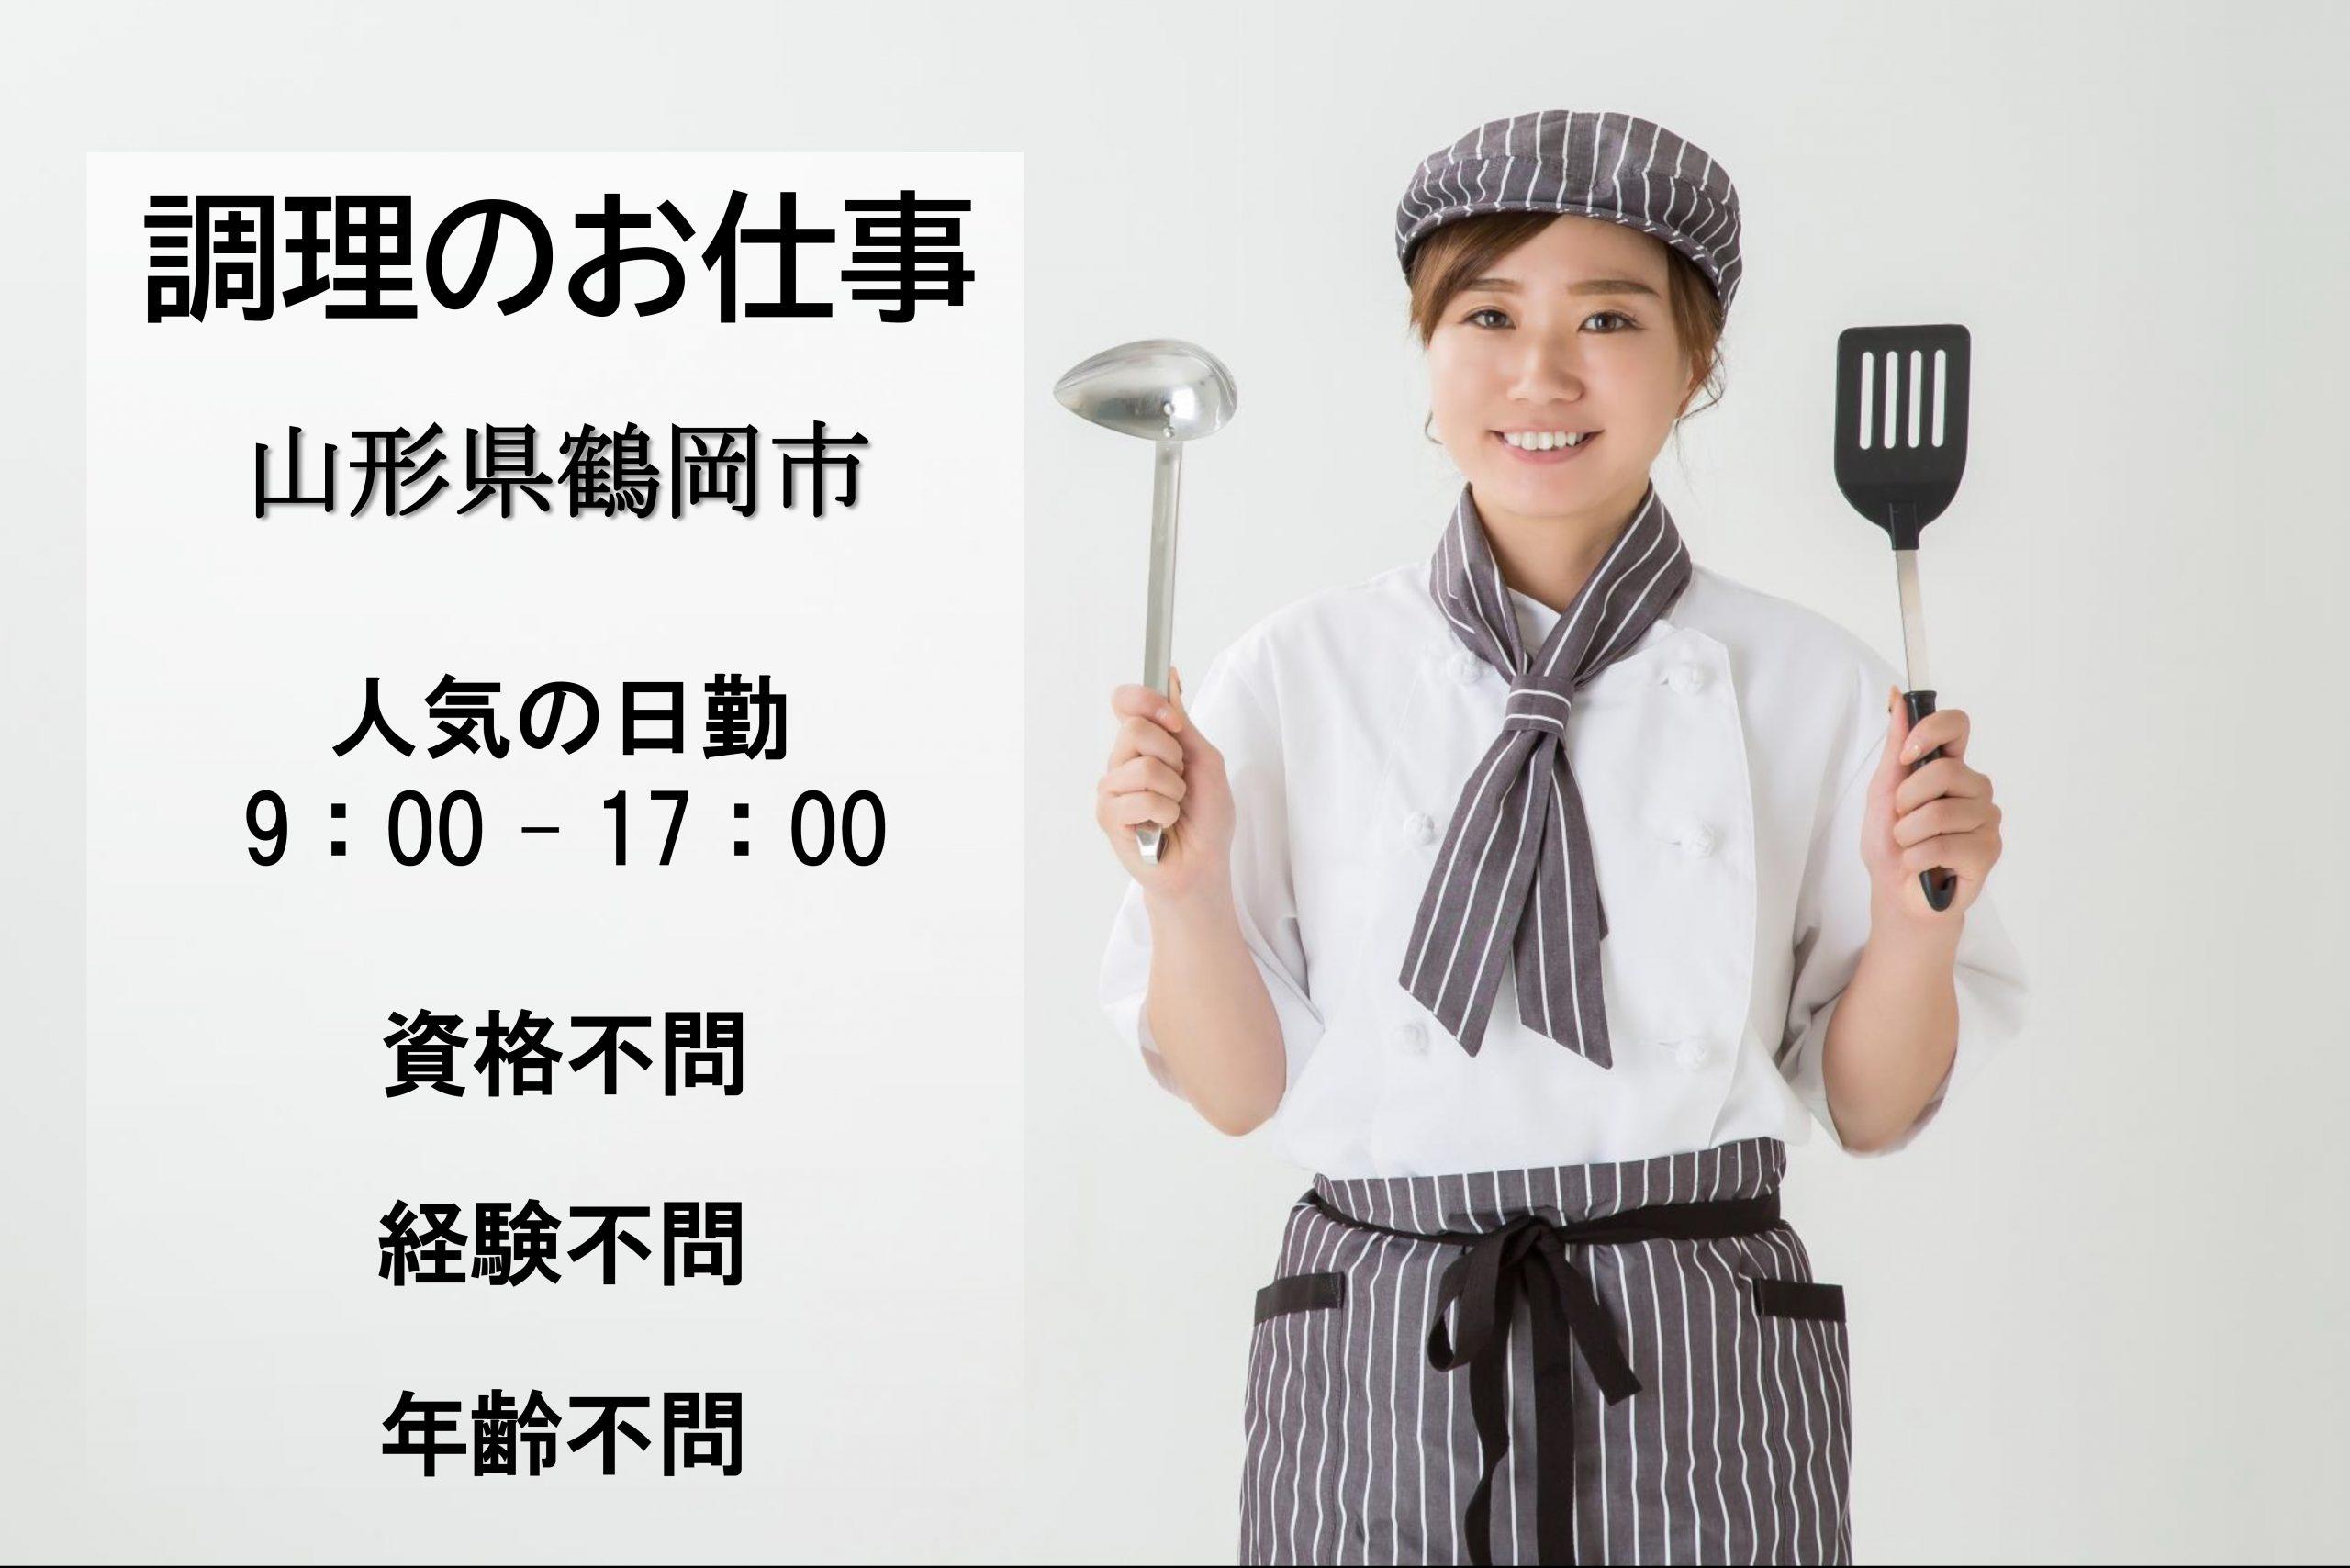 【鶴岡市】未経験からはじめる調理補助【9時~17時/時給1000円】